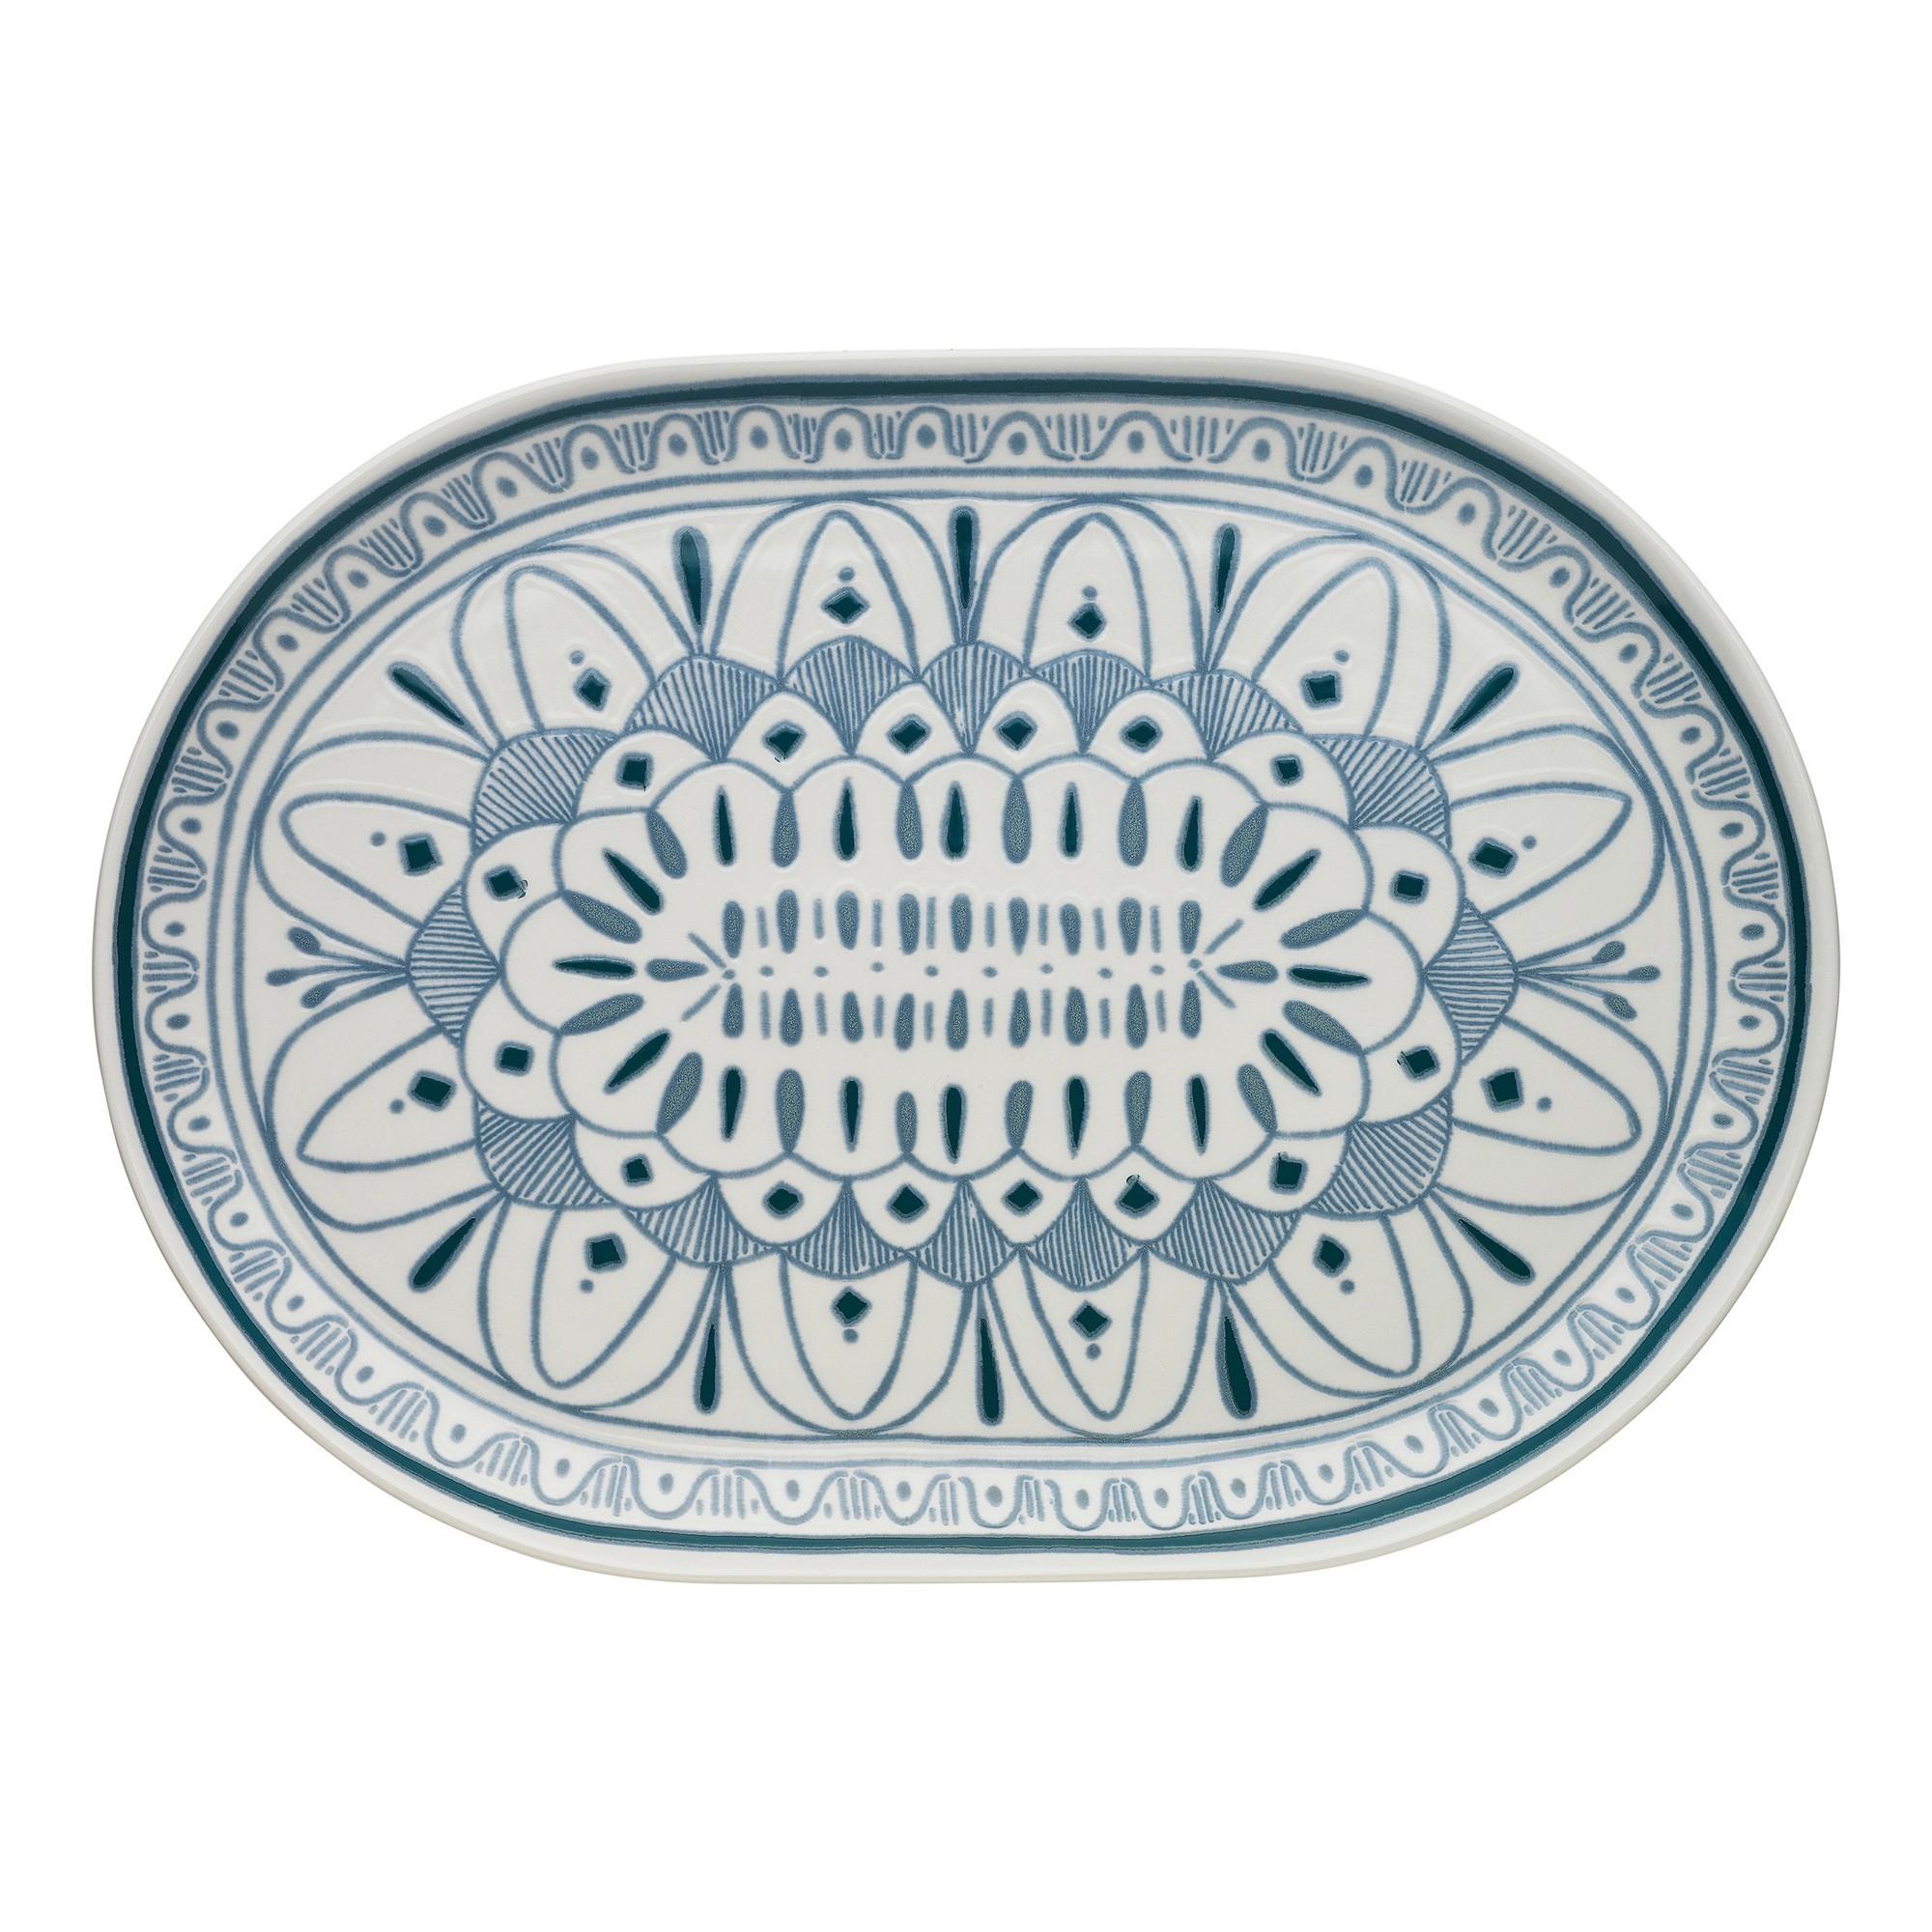 Ecology Oasis Stoneware Oval Platter, Large